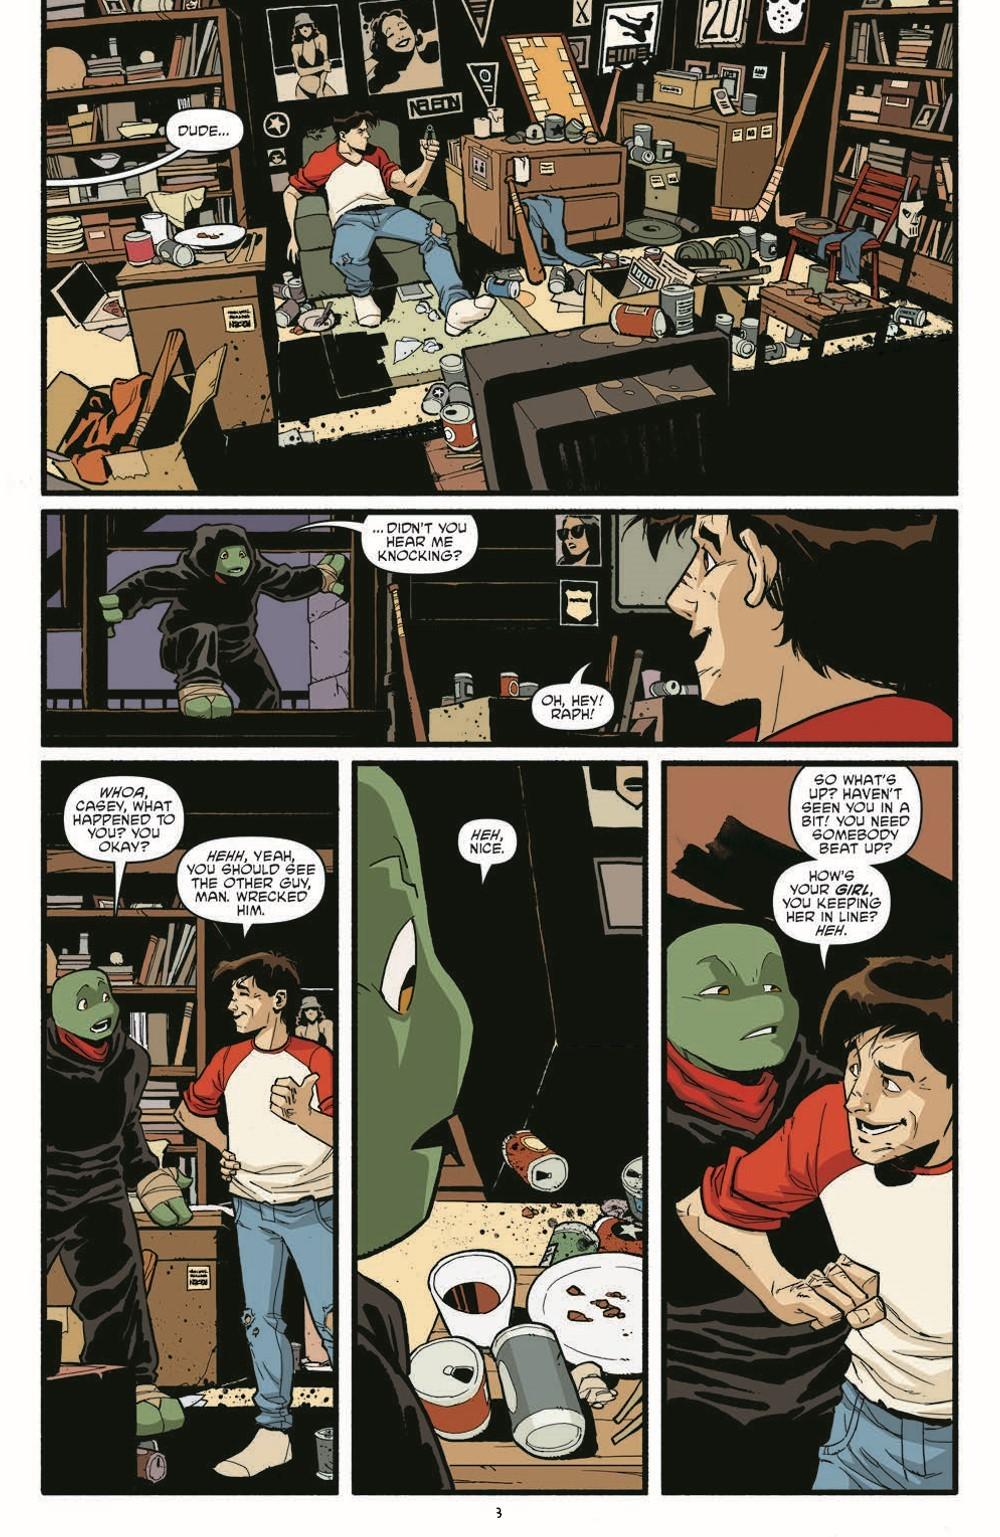 TMNT119_pr-5 ComicList Previews: TEENAGE MUTANT NINJA TURTLES #119